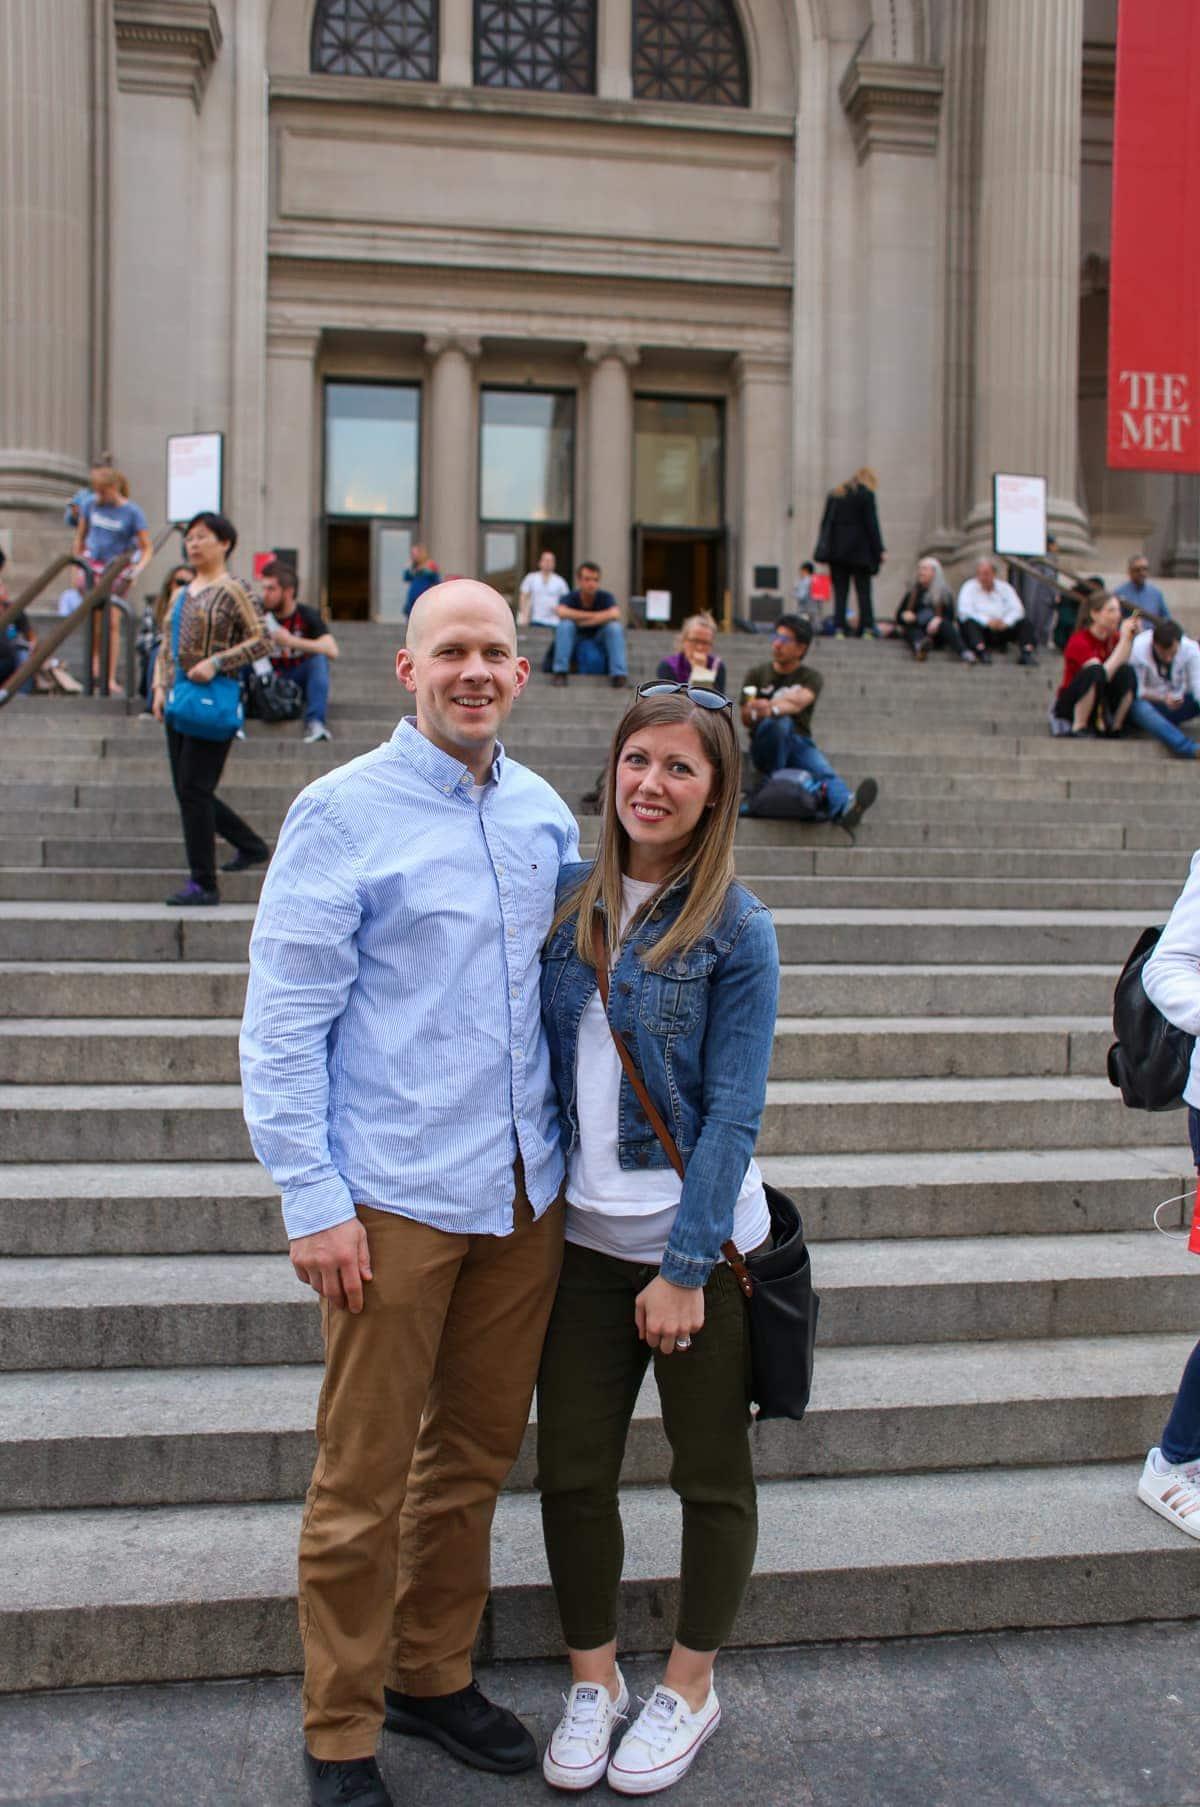 Lauren and Gordon at the Met